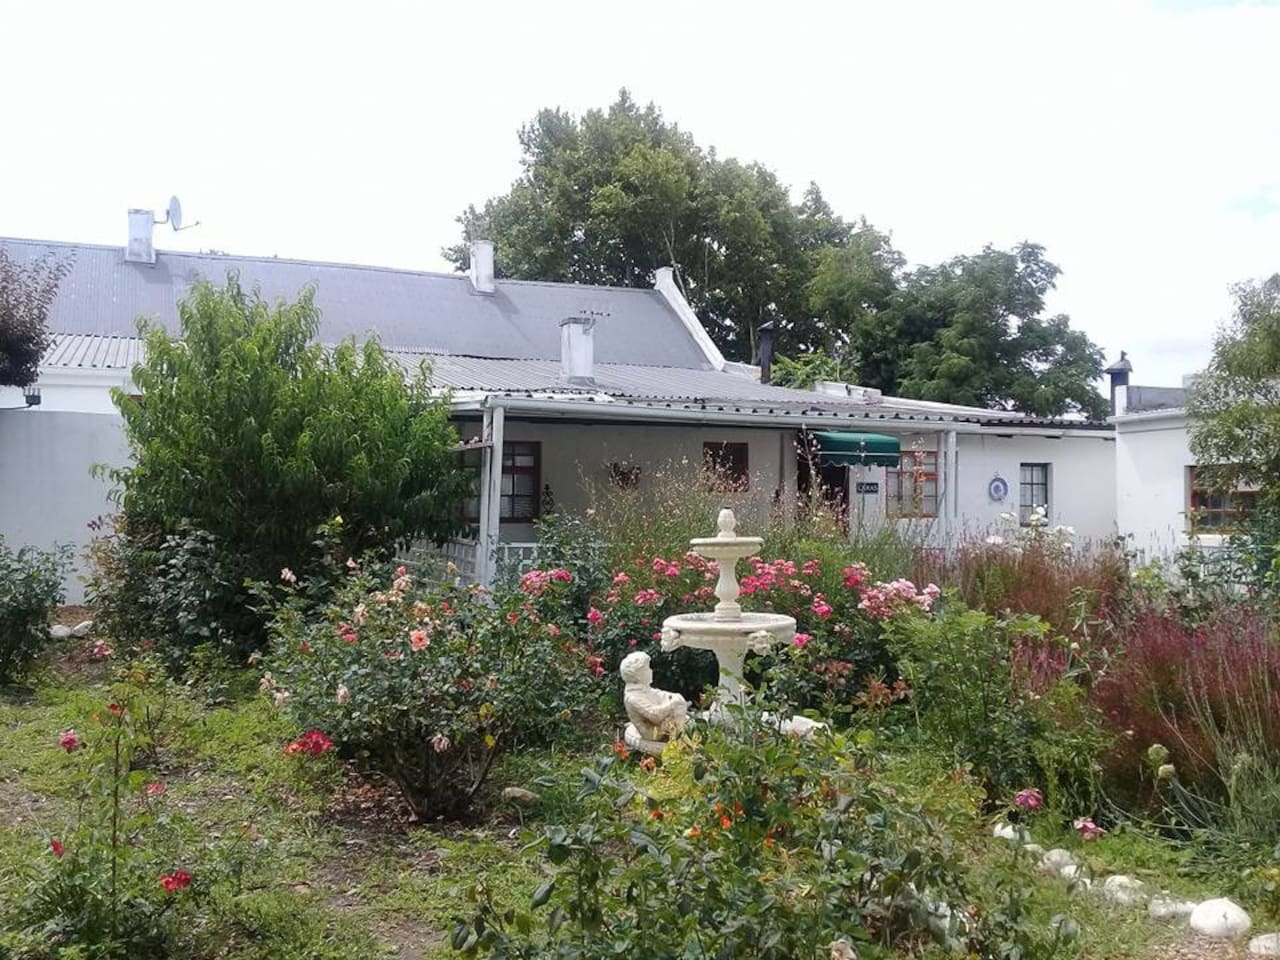 Lara's Cottage, overlooking Zoe's Rose Garden